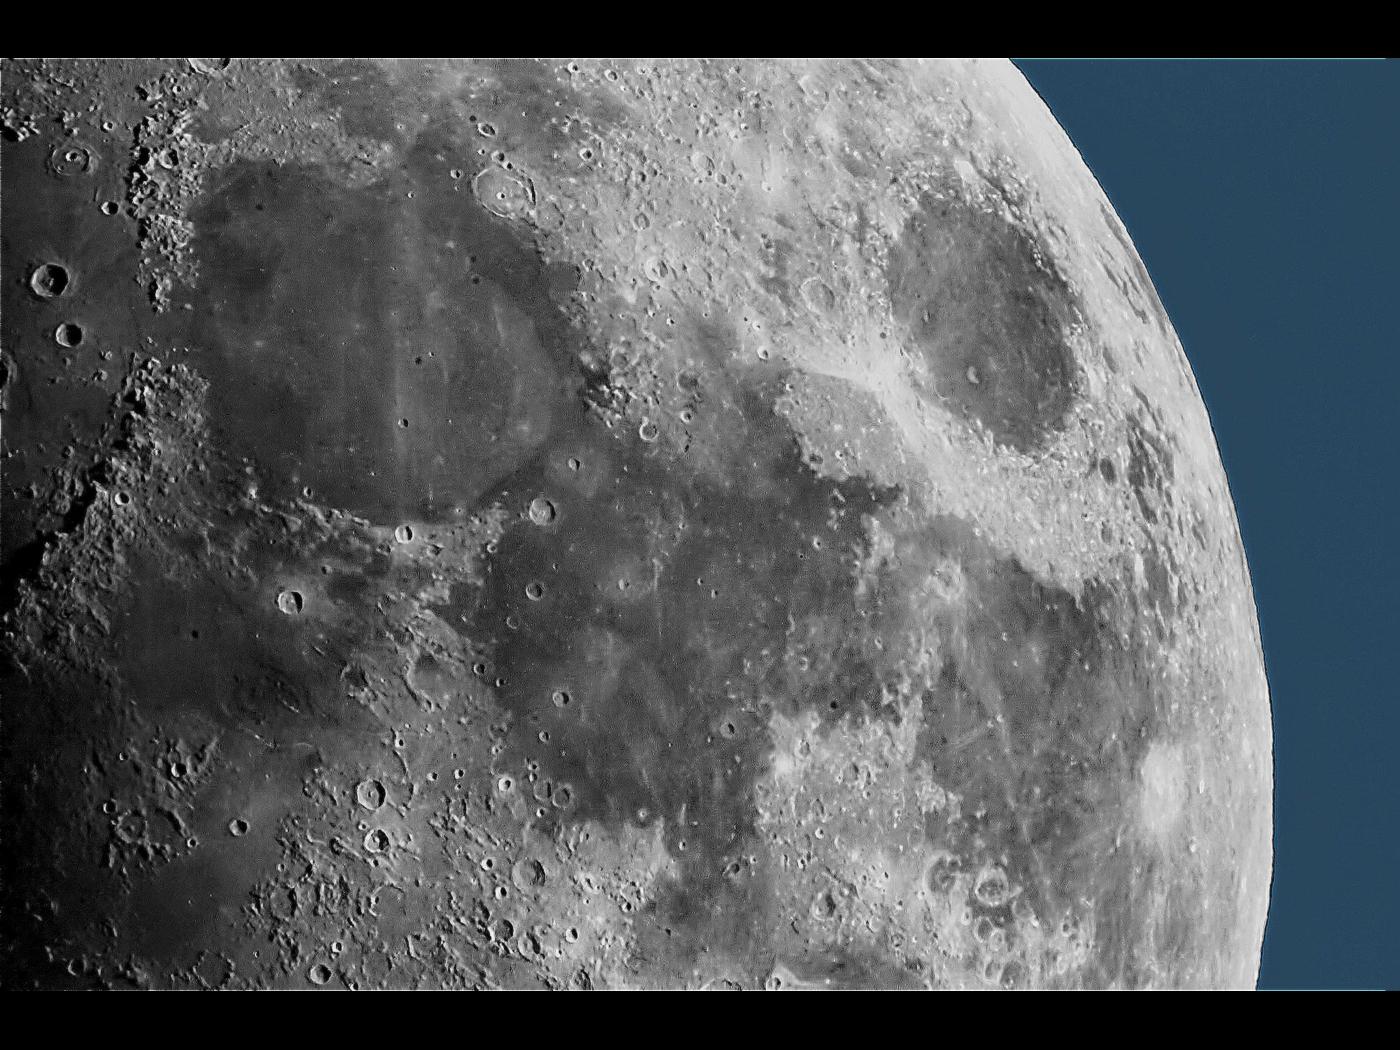 Moon in Daylight